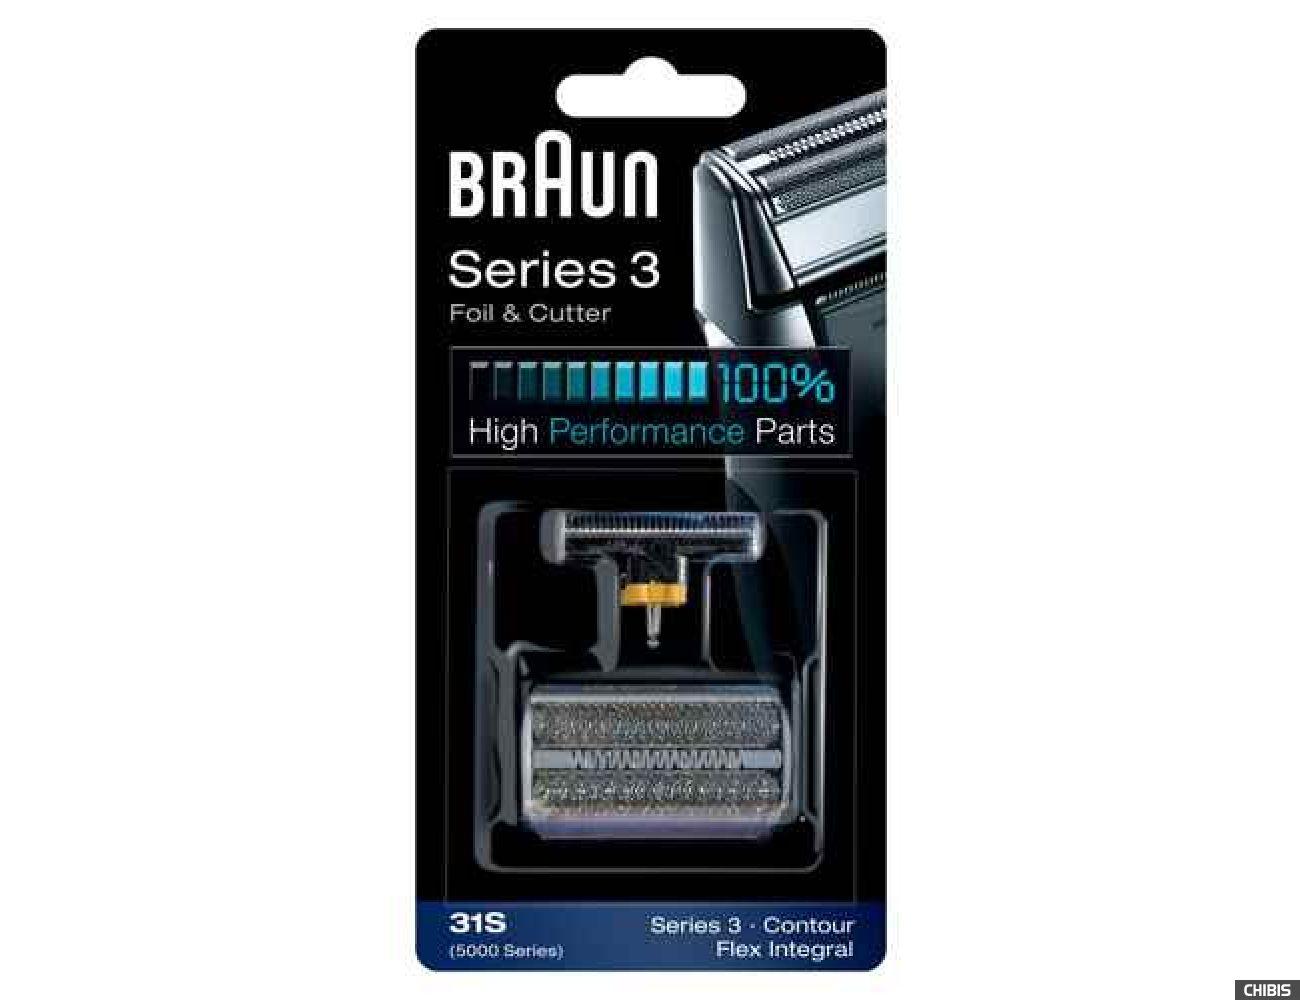 Сетка и режущий блок Braun 5000/6000 Contour/Flex, серебристая 31S (5724764) 4210201574378